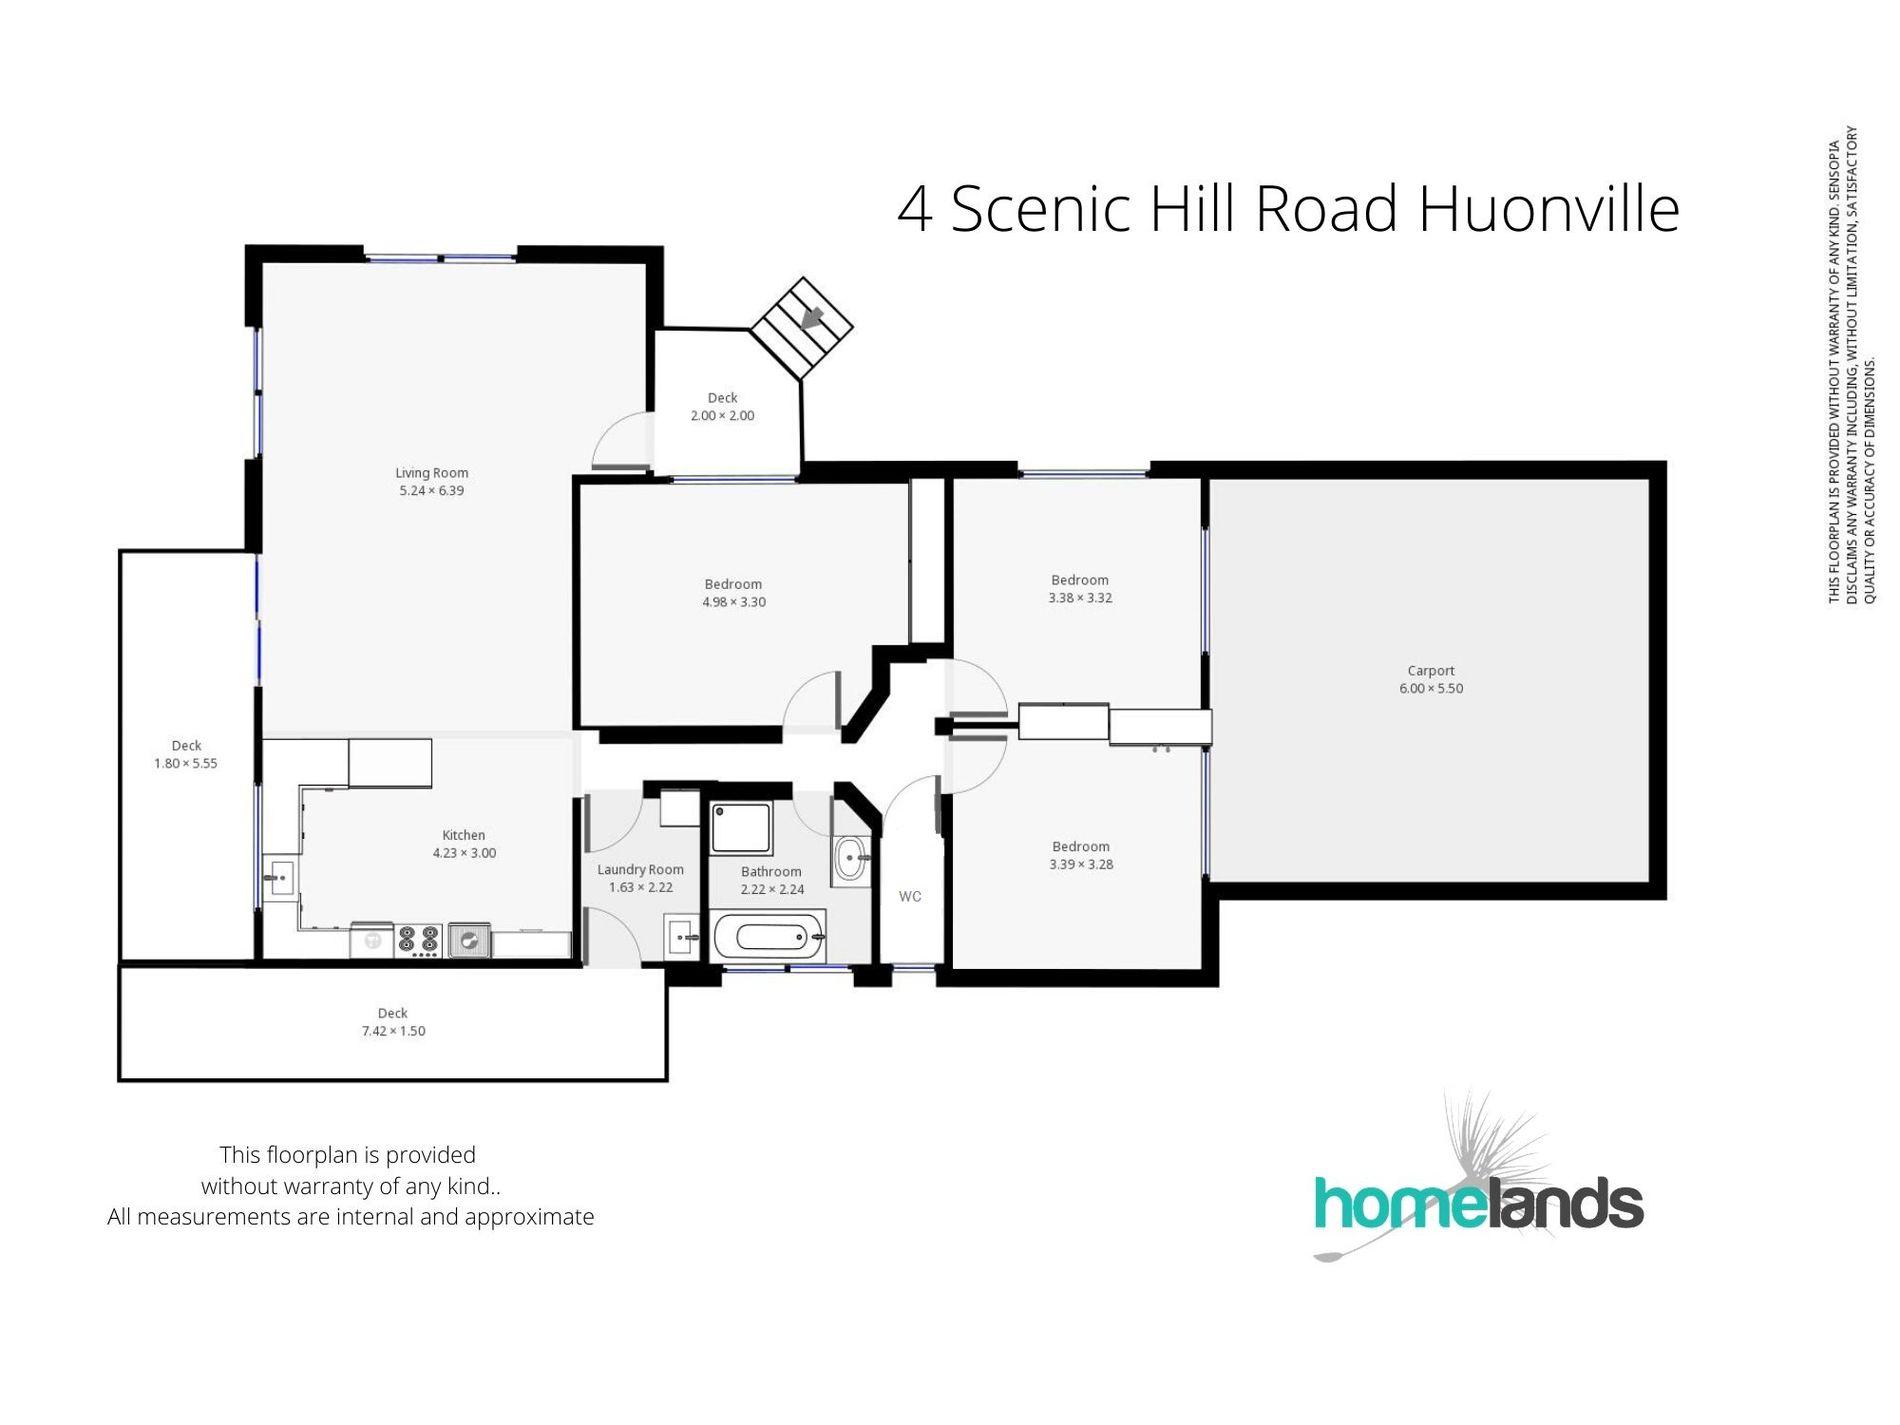 4 Scenic Hill Road, Huonville